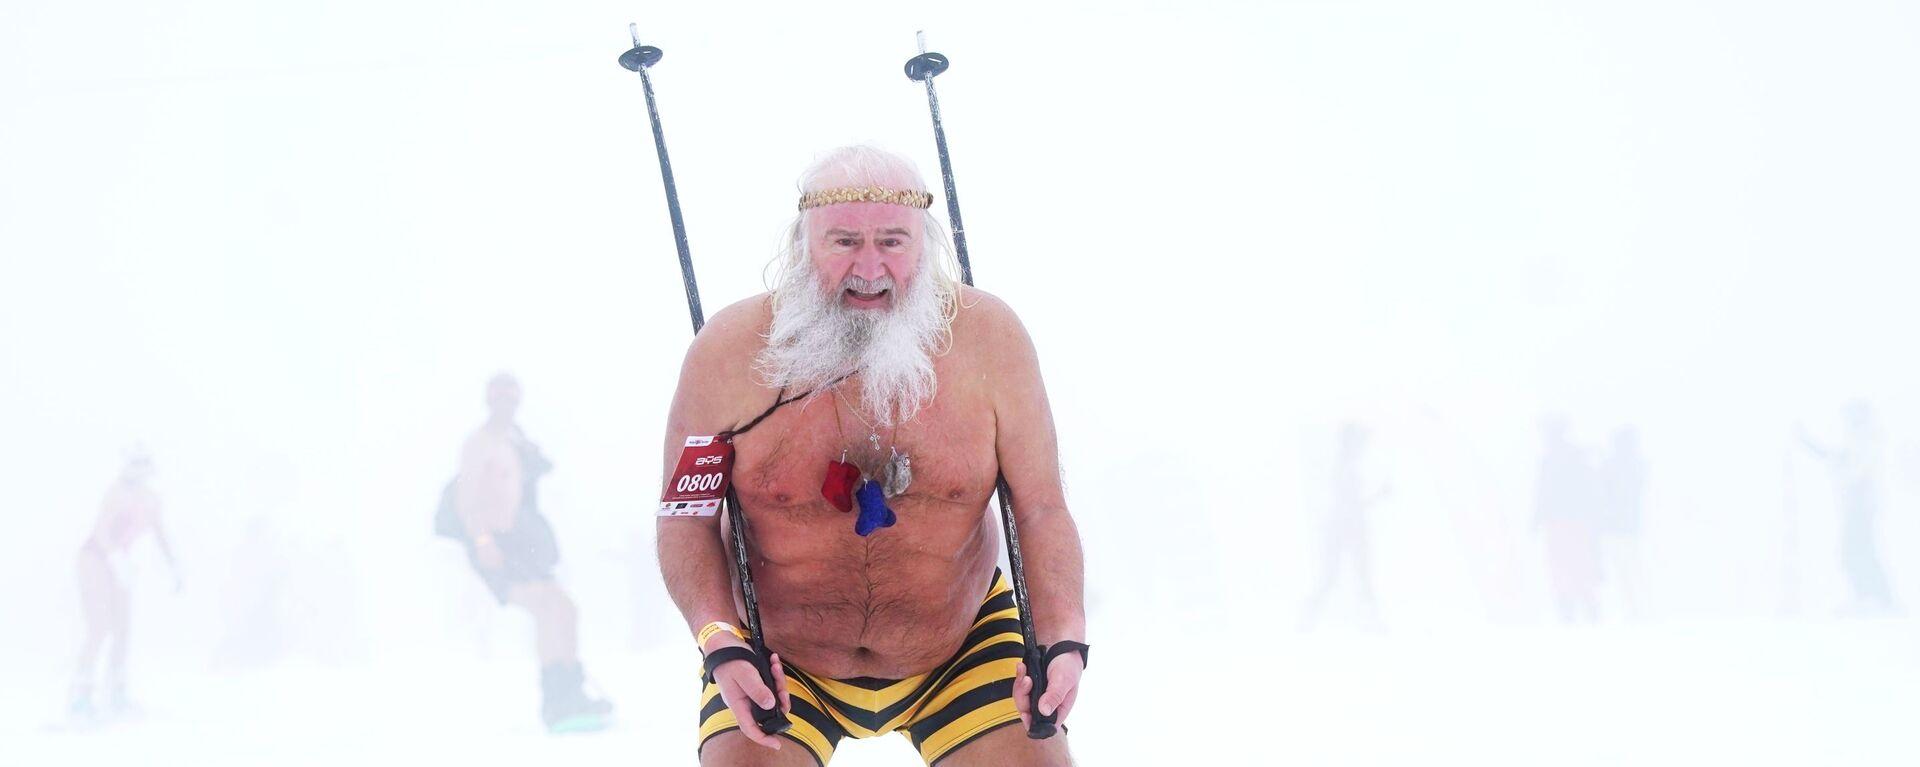 Участник высокогорного карнавала BoogelWoogel-2019 во время массового спуска с горы в купальниках на горнолыжном курорте Роза Хутор в Сочи - Sputnik Латвия, 1920, 17.02.2021